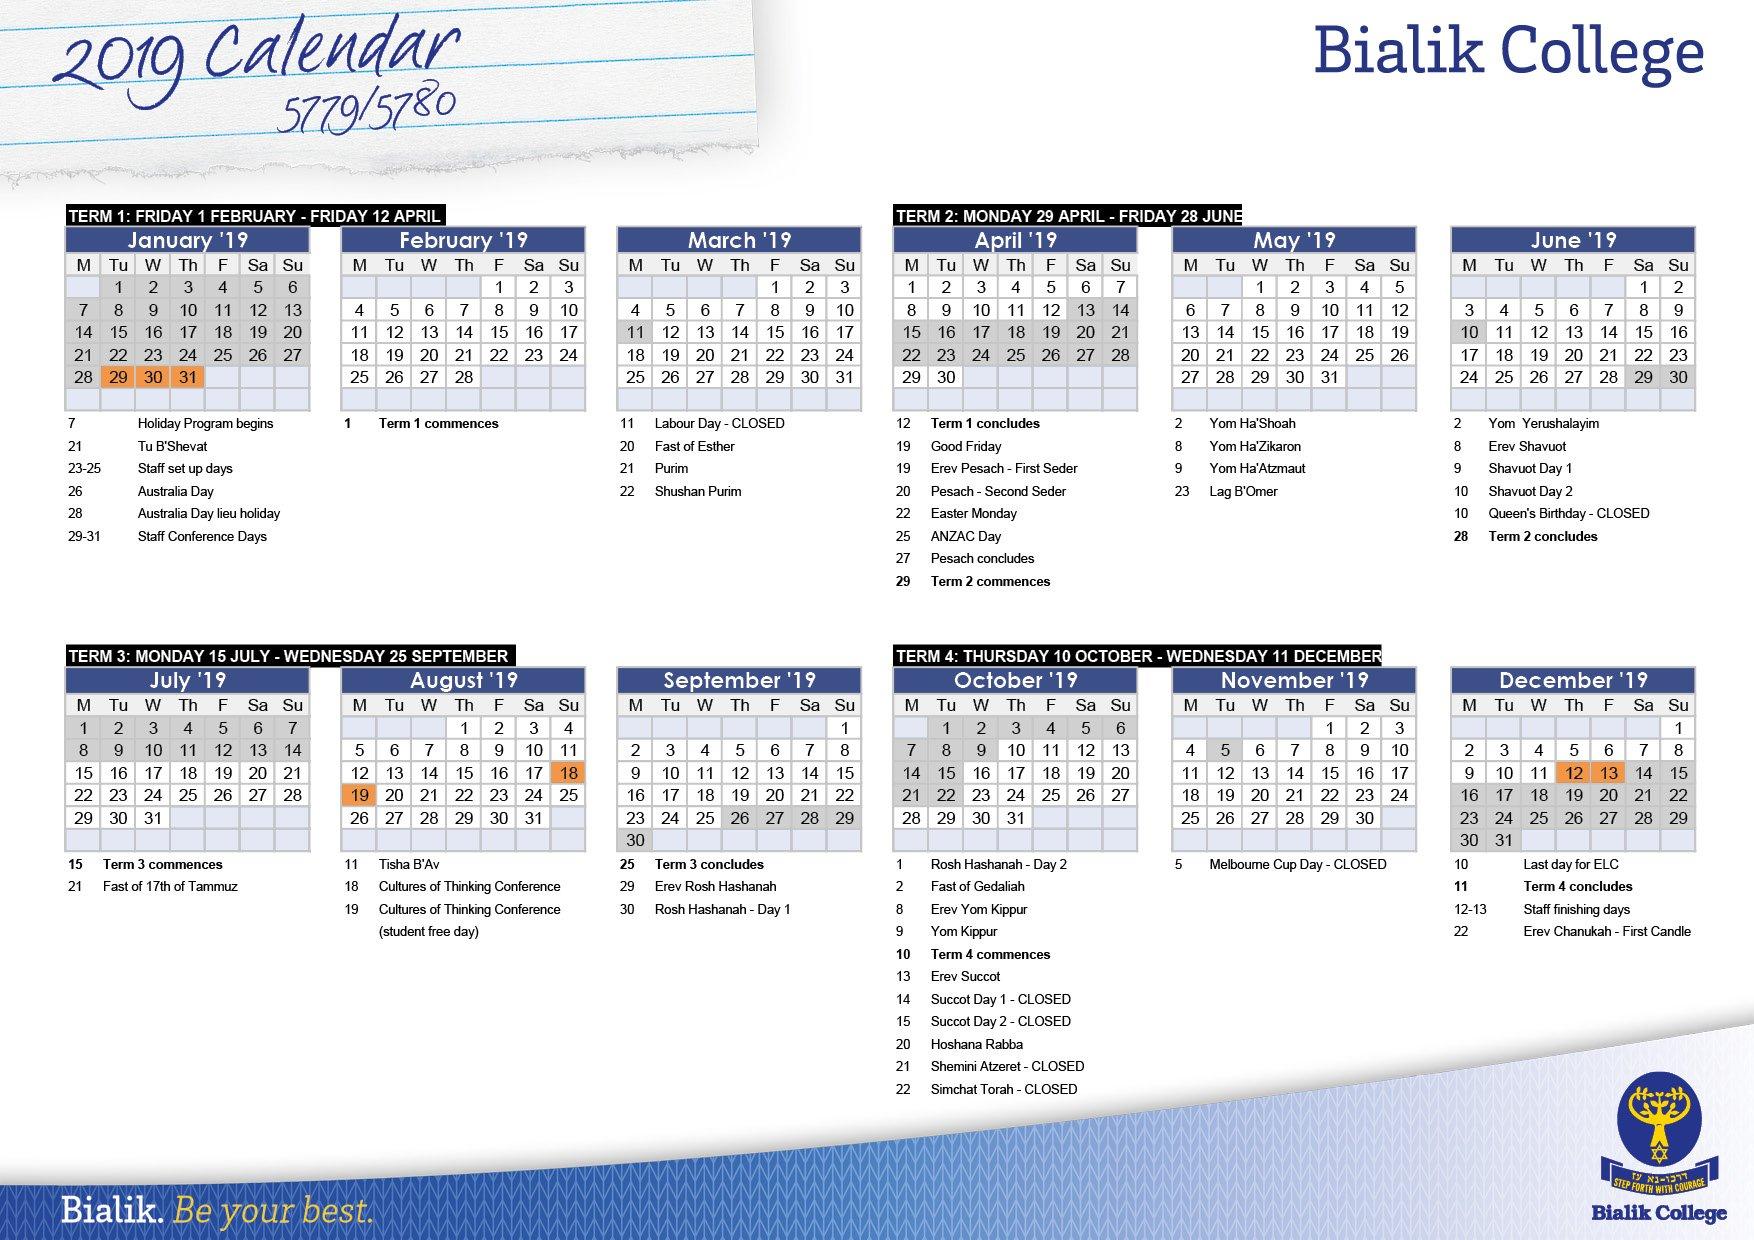 Calendar - Bialik Term 1 Calendar 2019